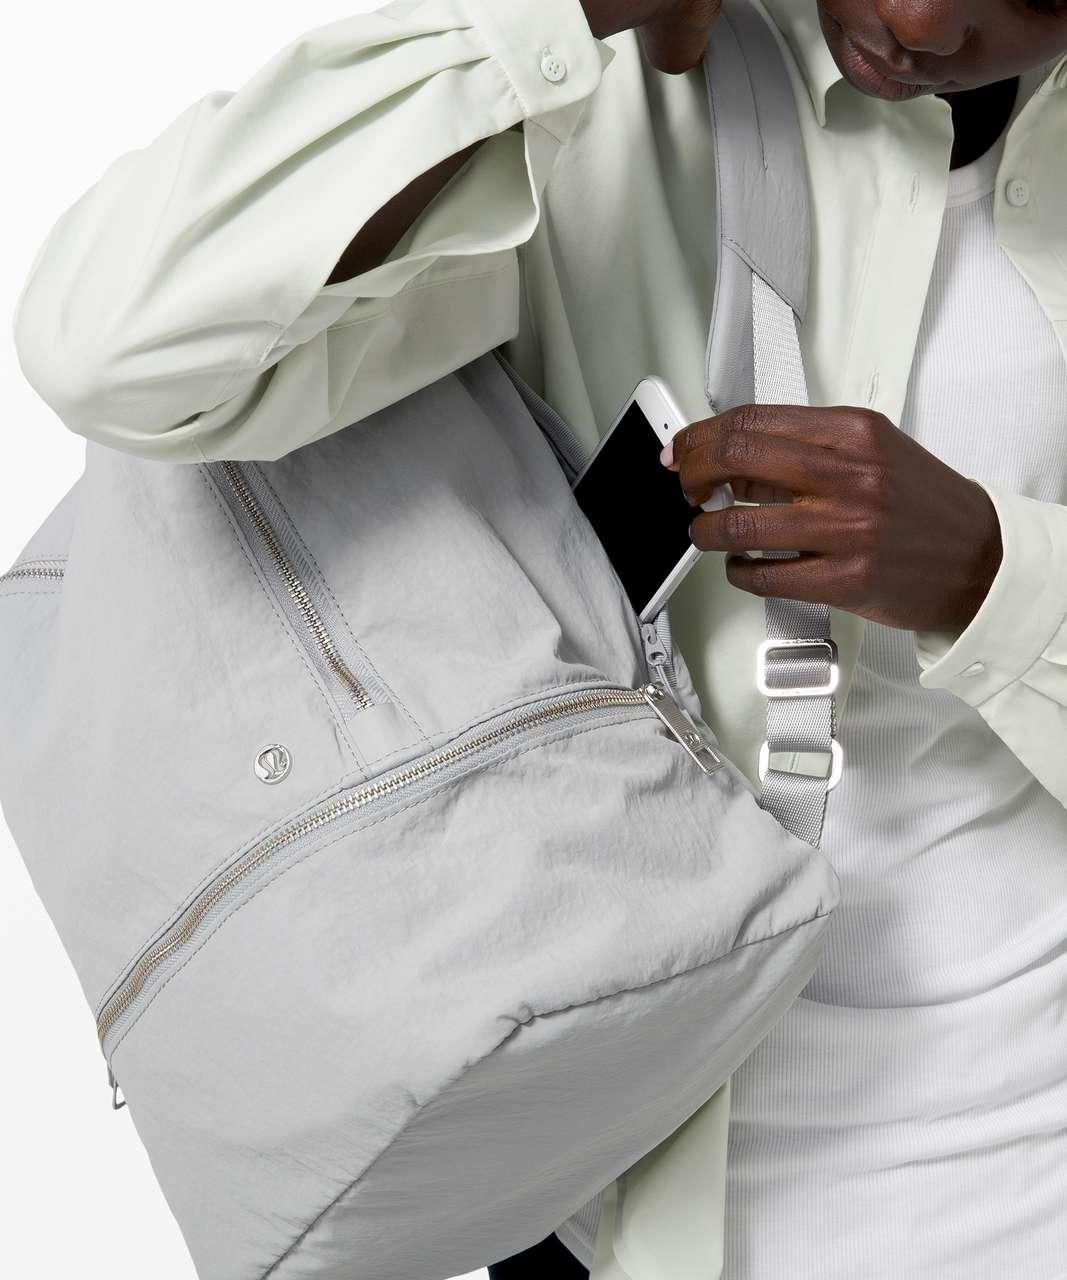 Lululemon City Adventurer Backpack *17L - Silver Drop